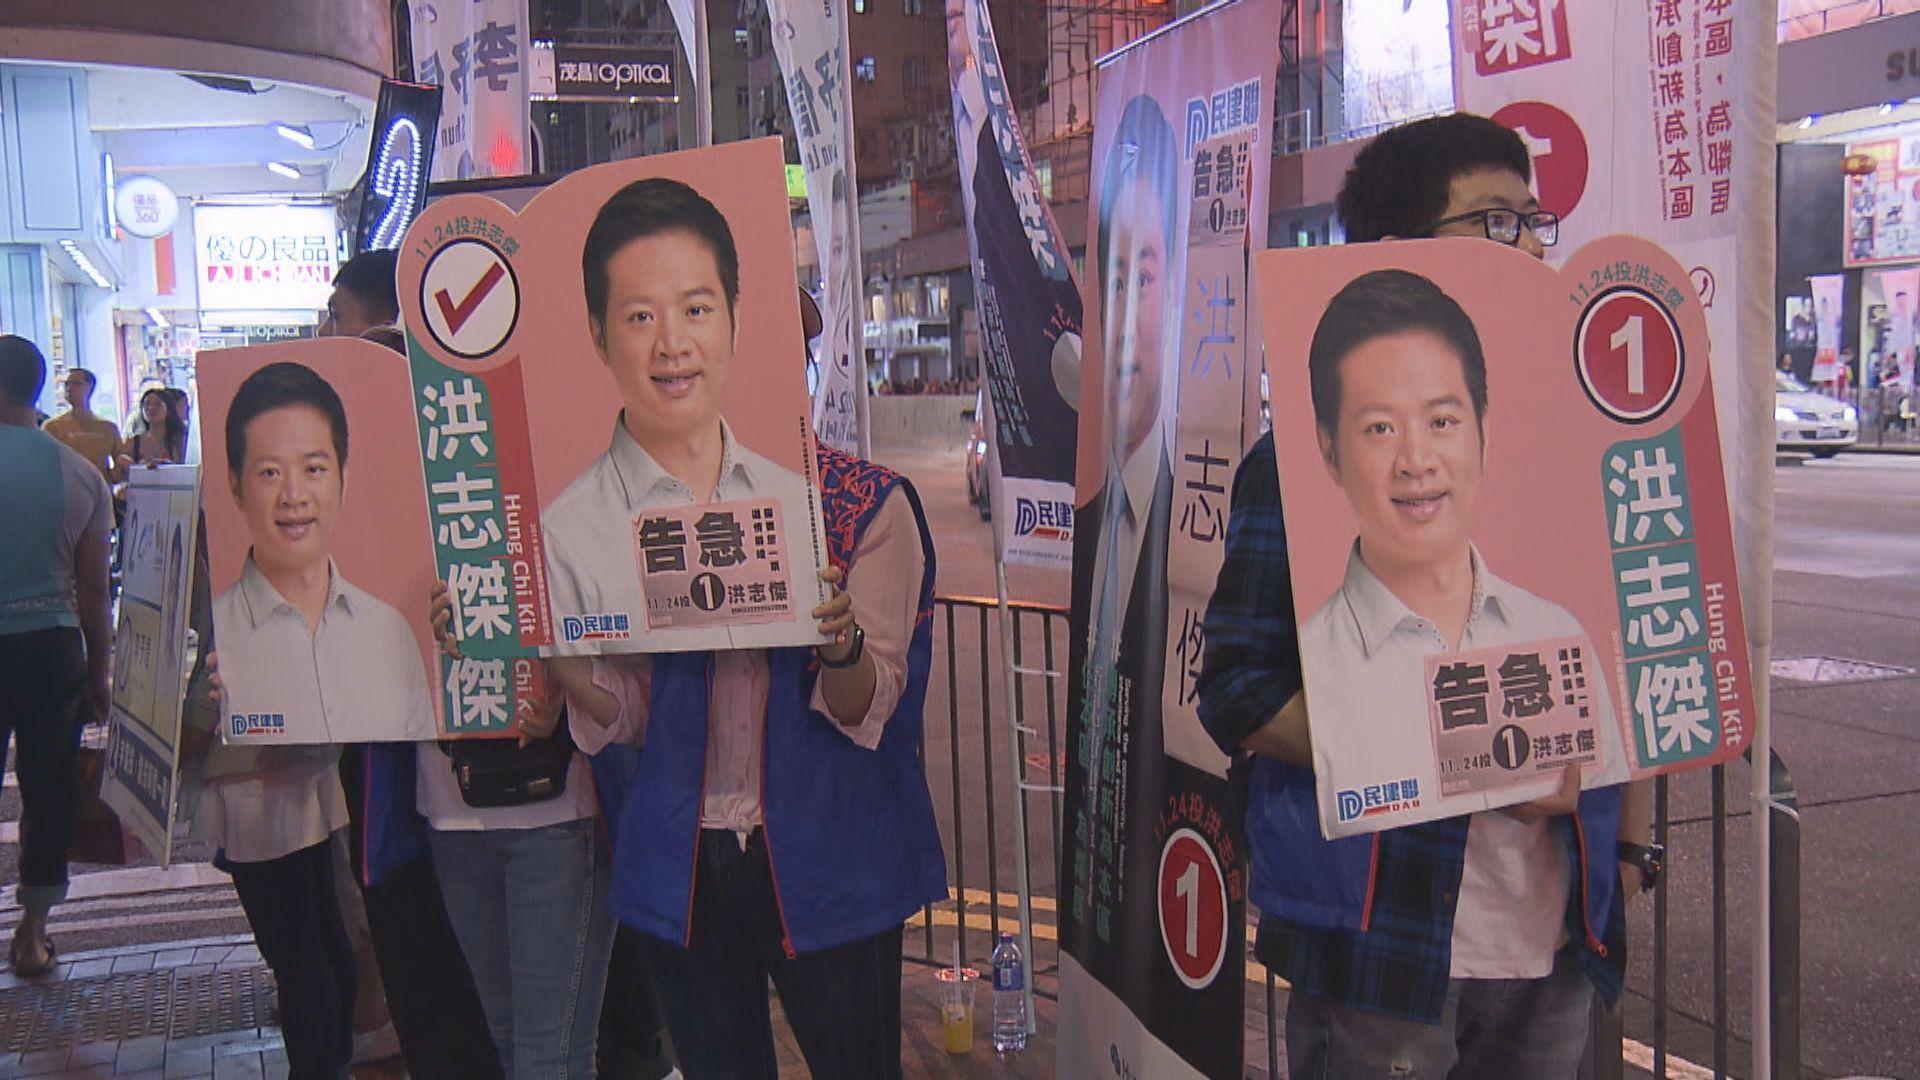 民建聯洪志傑提選舉呈請 促裁定李予信非妥為當選